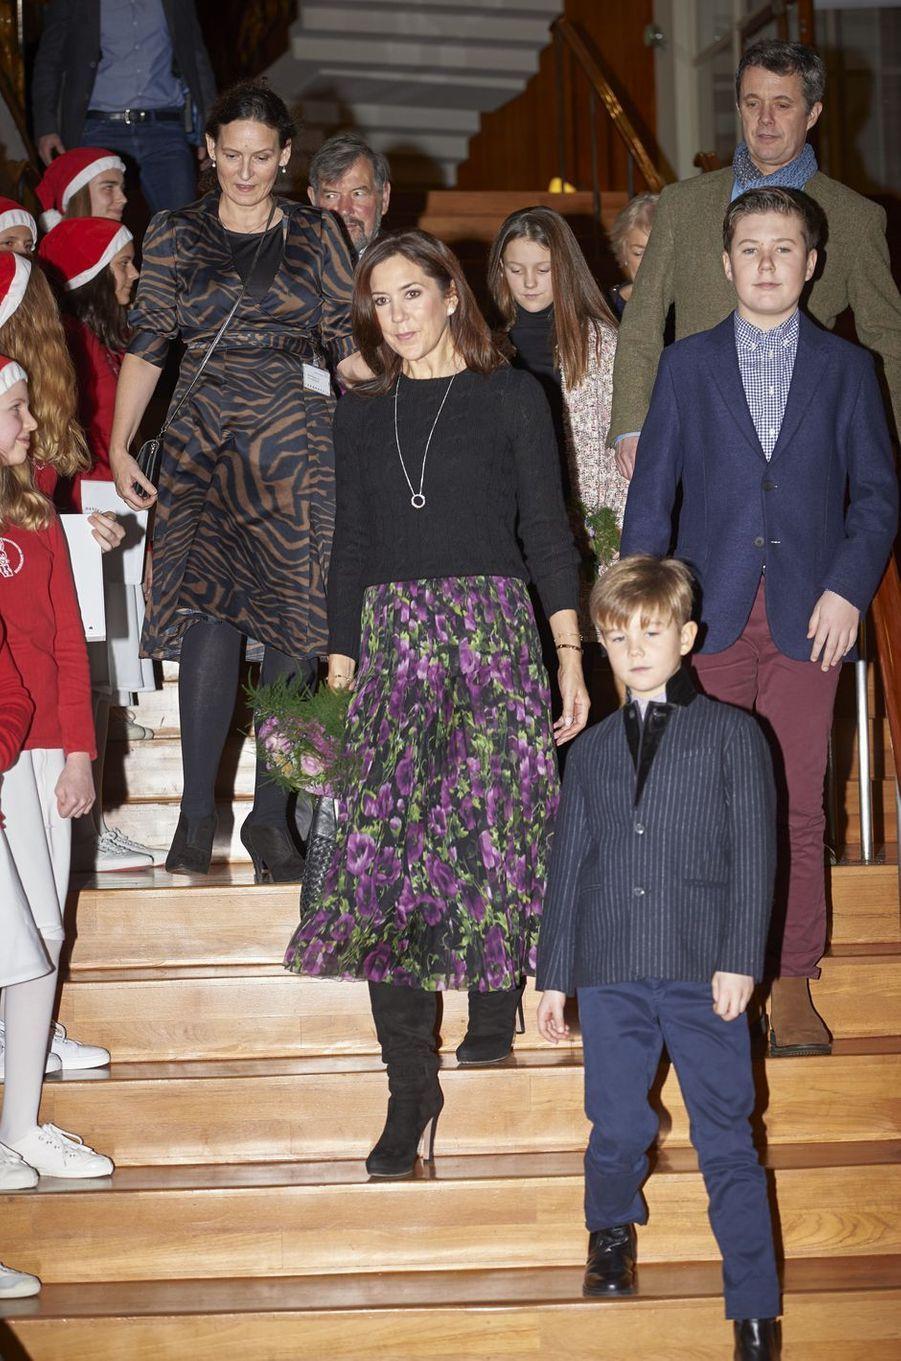 La princesse Mary de Danemark avec le prince Frederik, leurs quatre enfants, et John et Susan Donaldson à Copenhague, le 8 décembre 2018